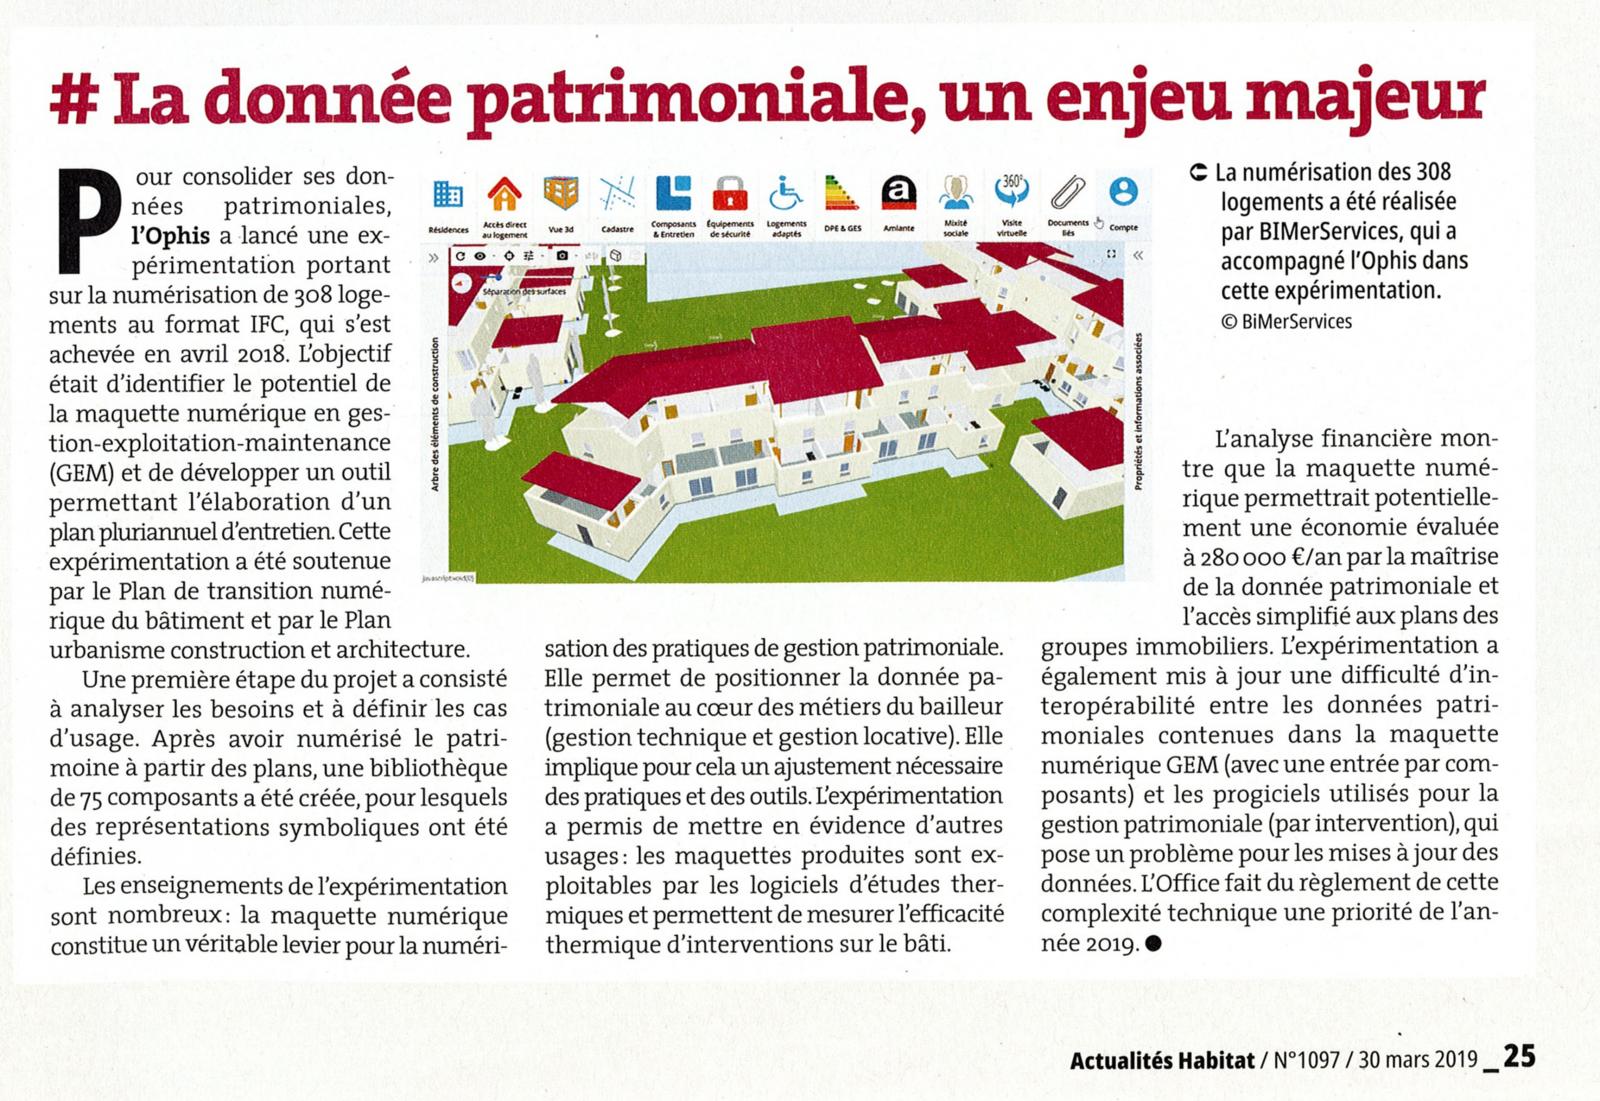 OPHIS_article_expérimentation_maquette_numérique_GEM